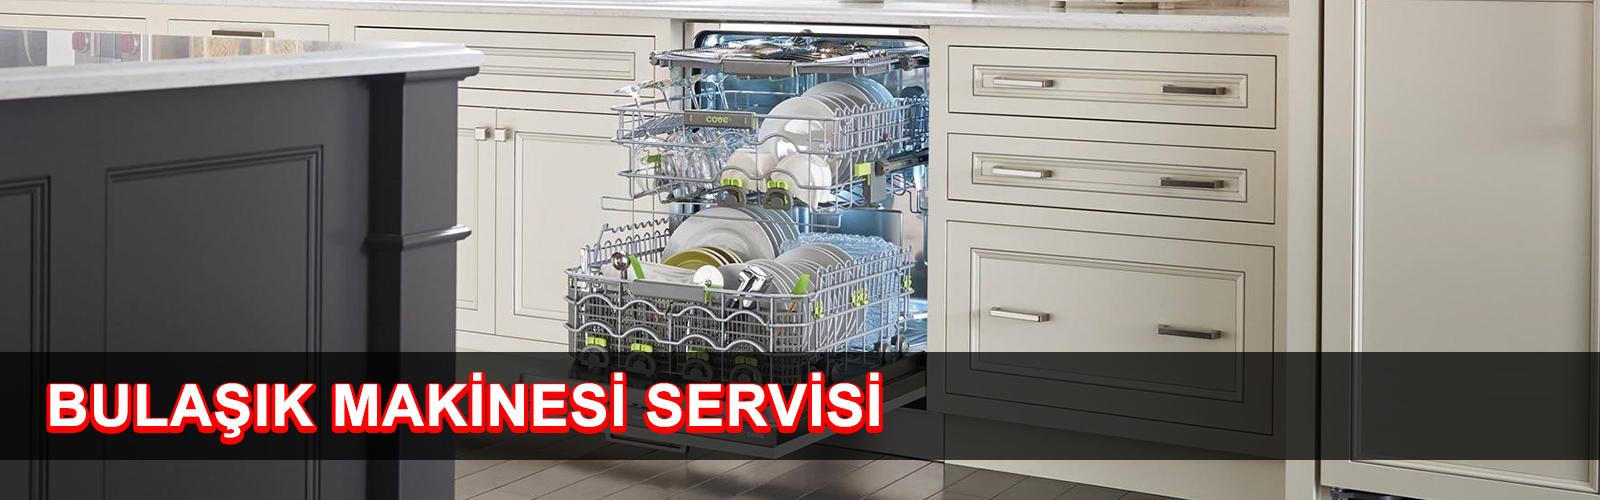 Bulaşık Makinesi Servisi